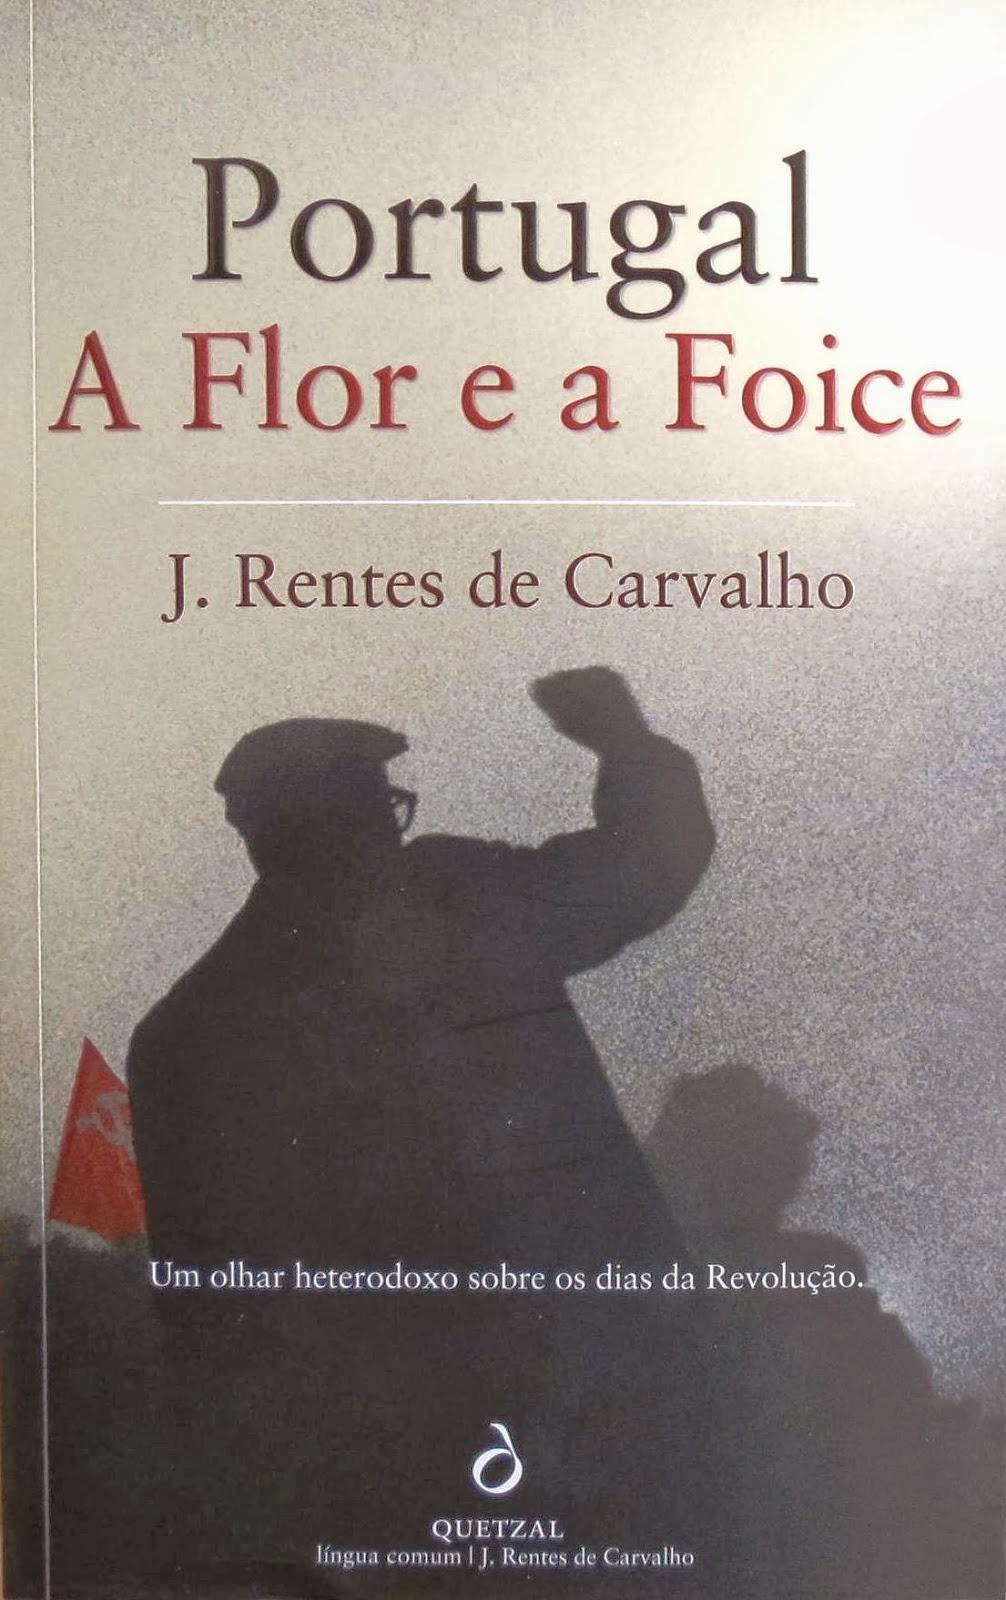 Portugal a Flor e a Foice, José Rentes de Carvalho, Quetzal